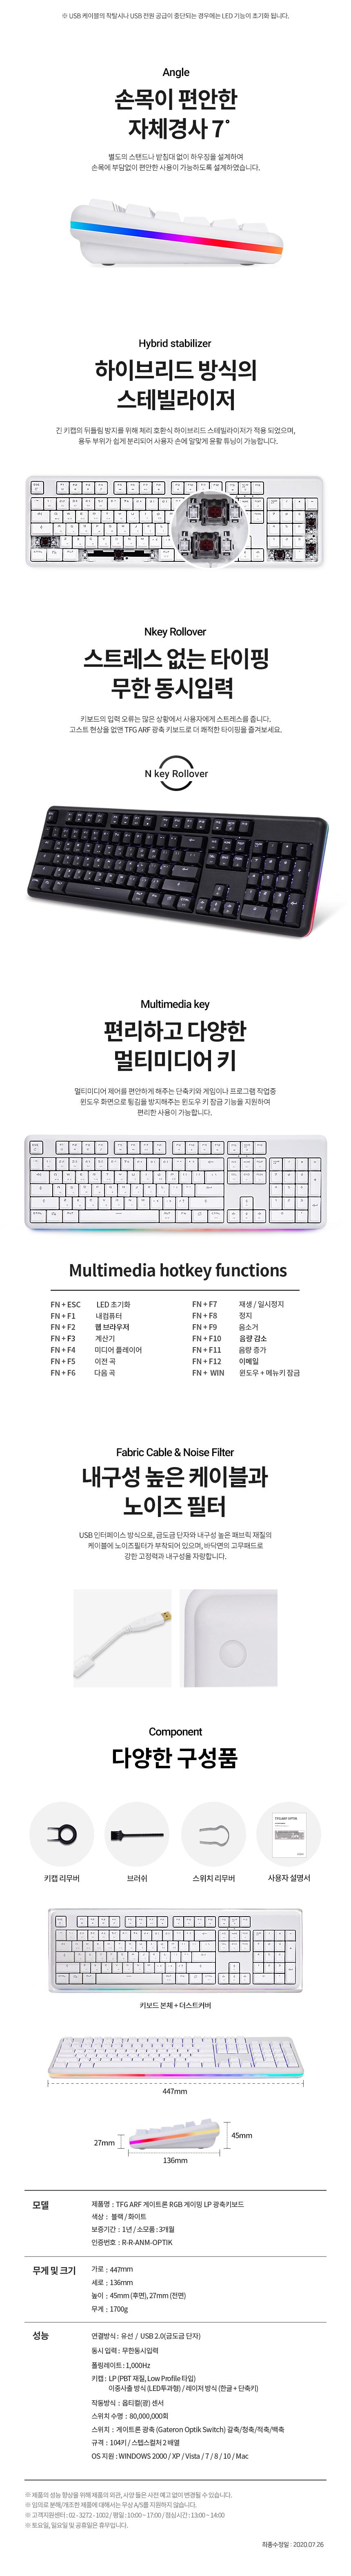 한성컴퓨터 TFG ARF 게이트론 RGB 게이밍 LP 광축키보드 (화이트, 적축)